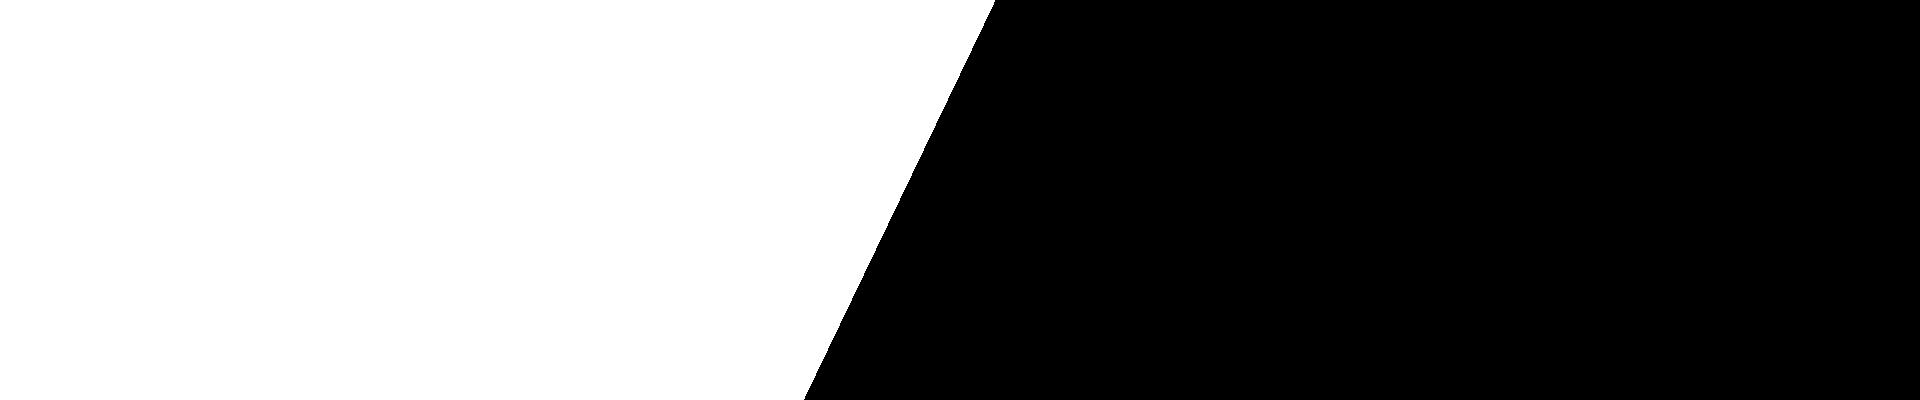 TFT Slider 1 dark 2